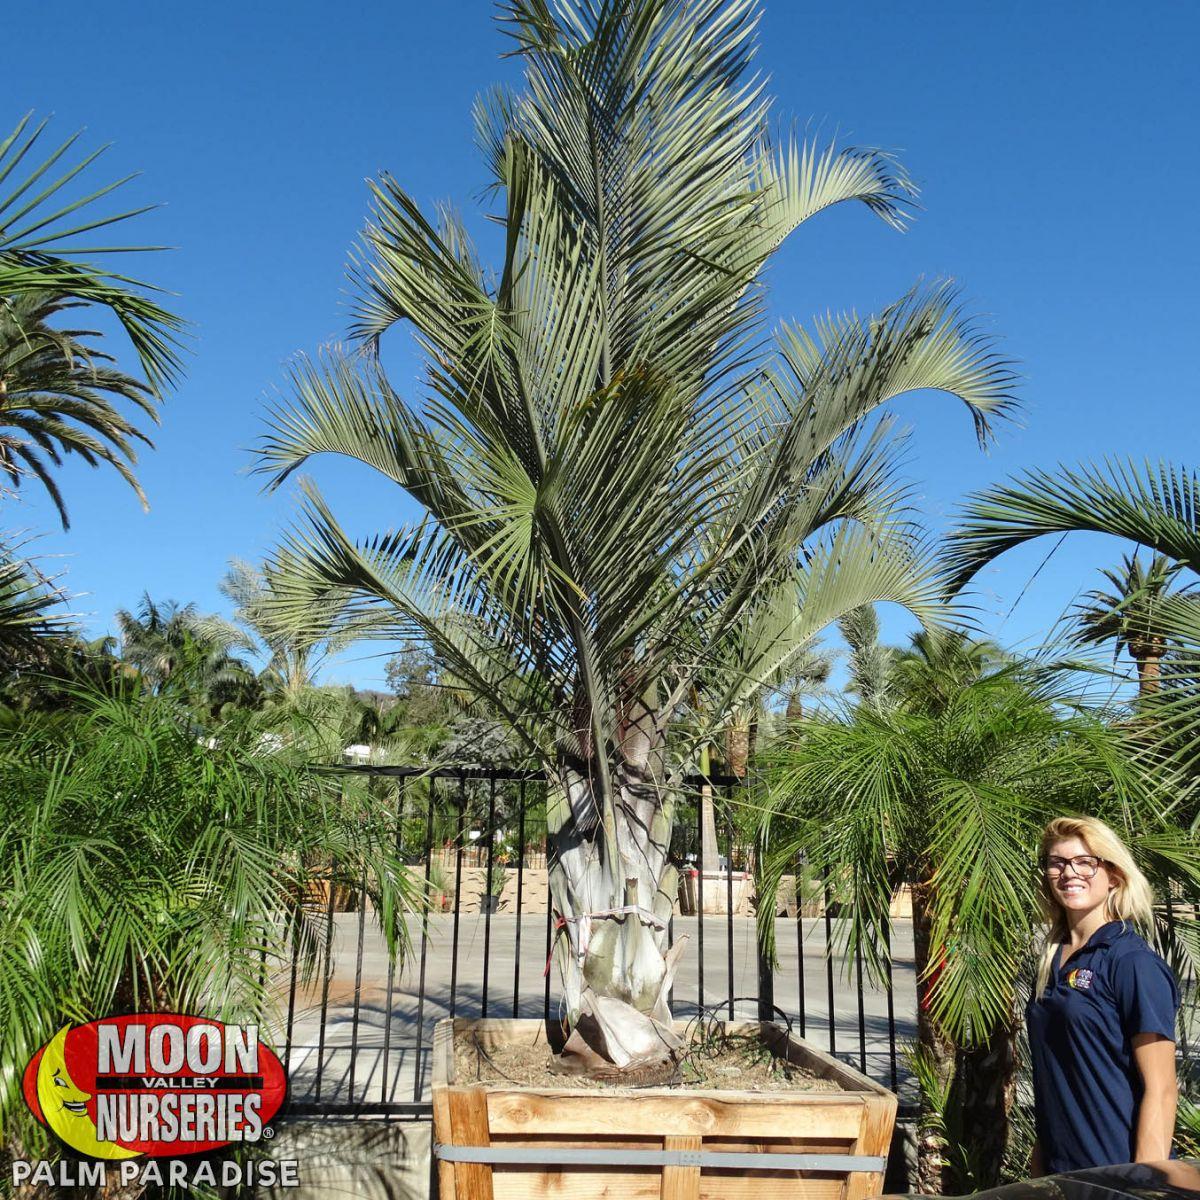 Triangle Palm Palm Tree Palm Paradise Nursery